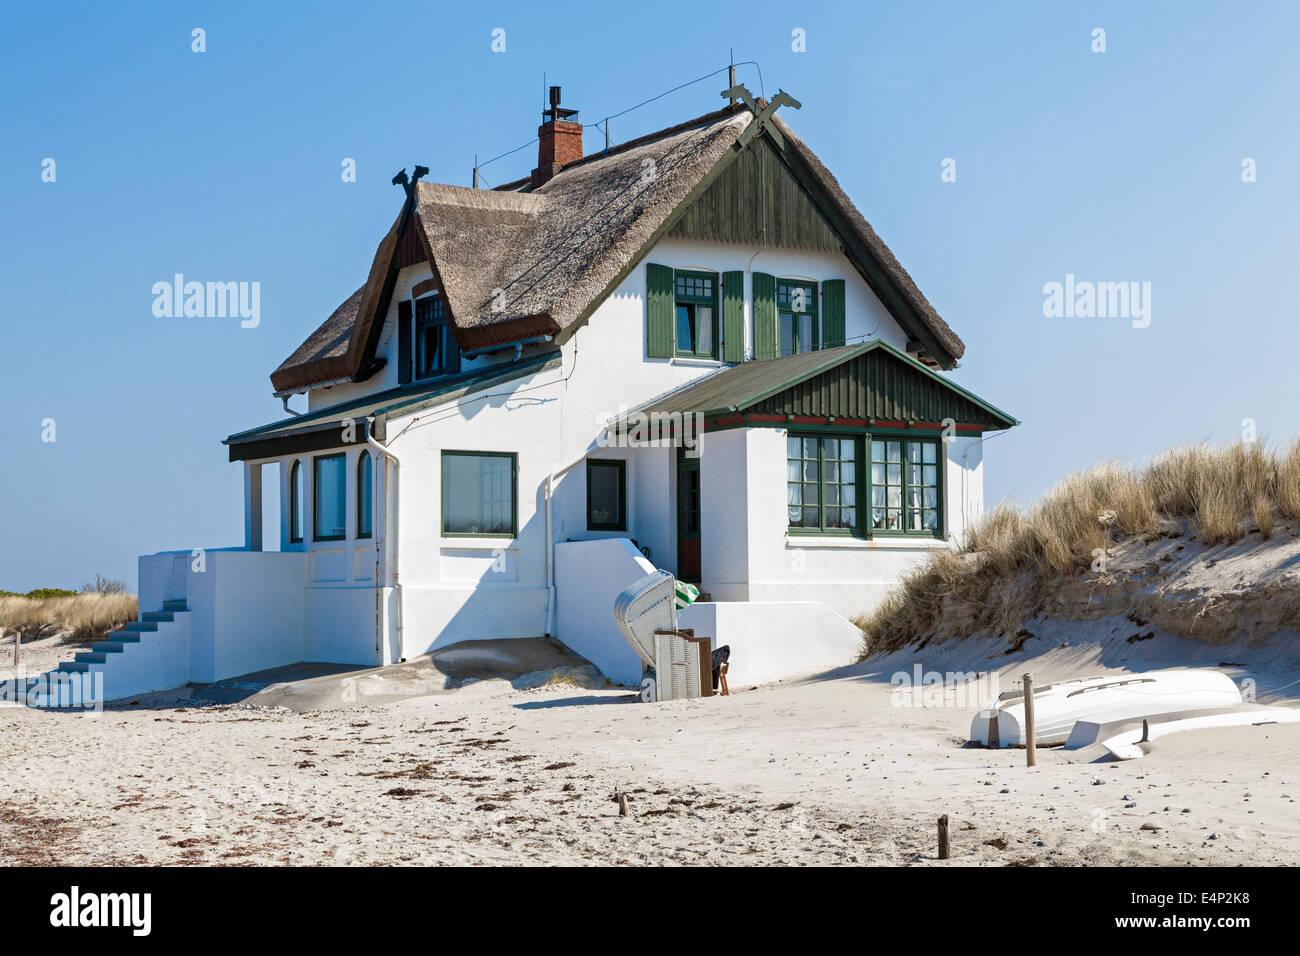 Ferienhaus bin Strand der Ostsee in Heiligenhafen